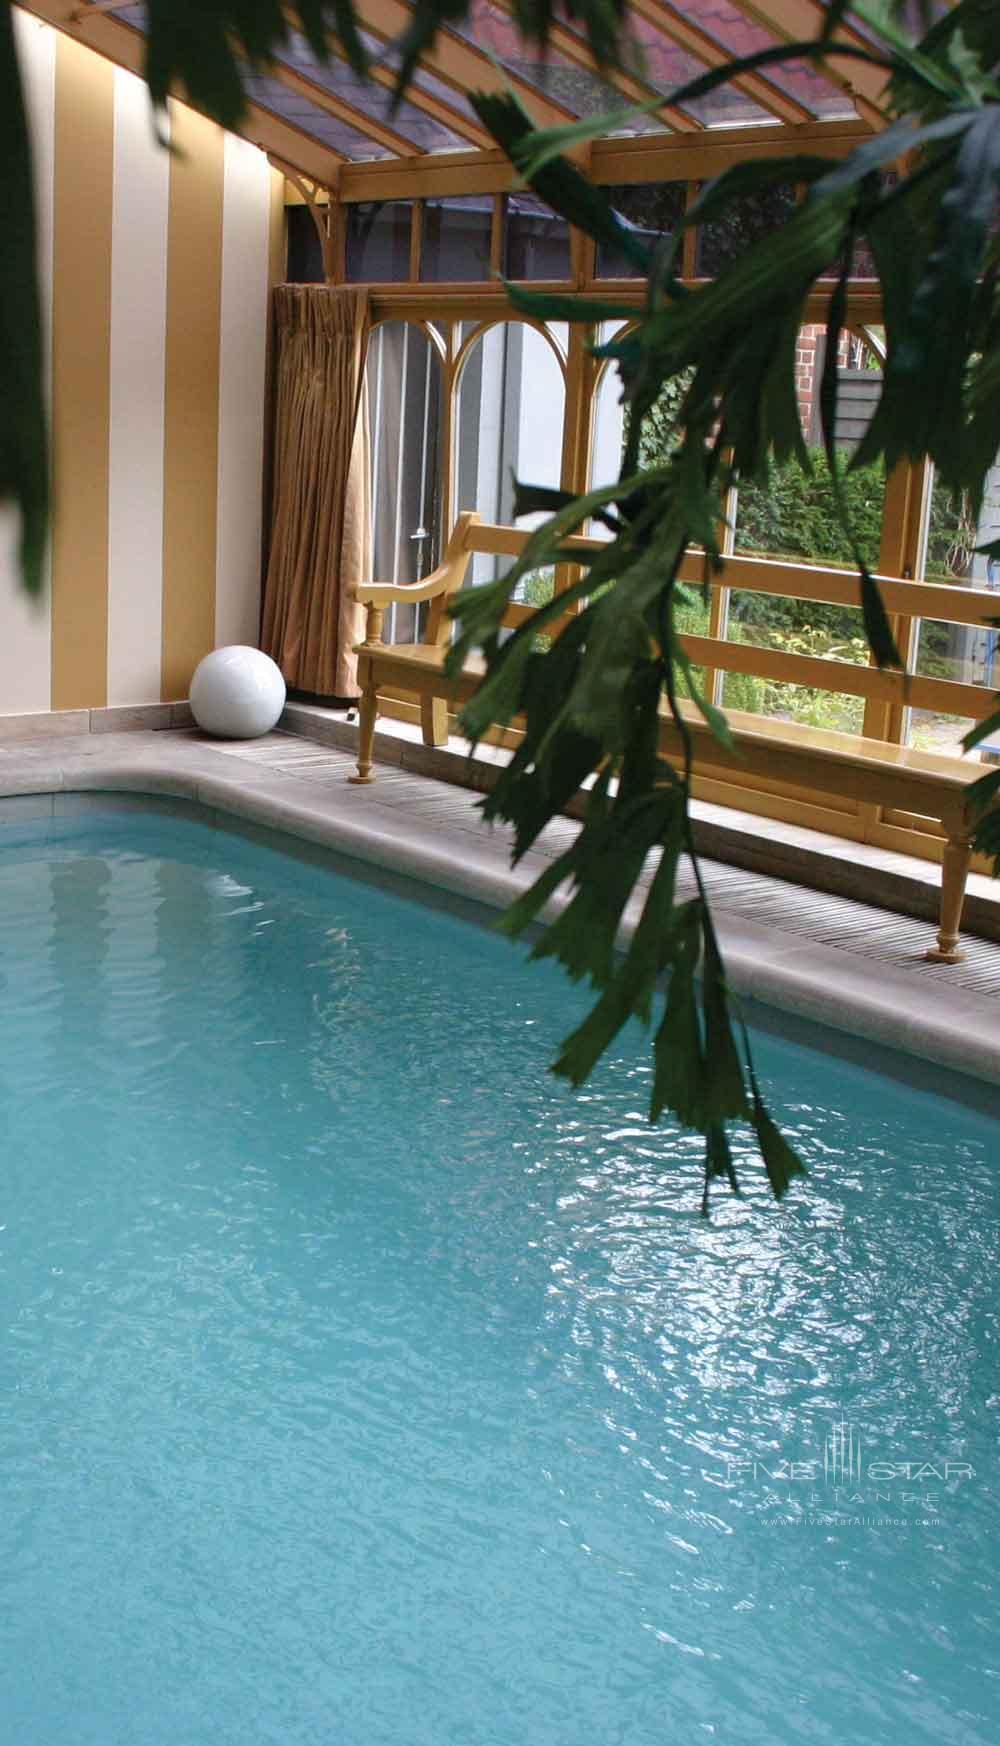 Indoor Pool at Hotel De Tuilerieen, Bruges